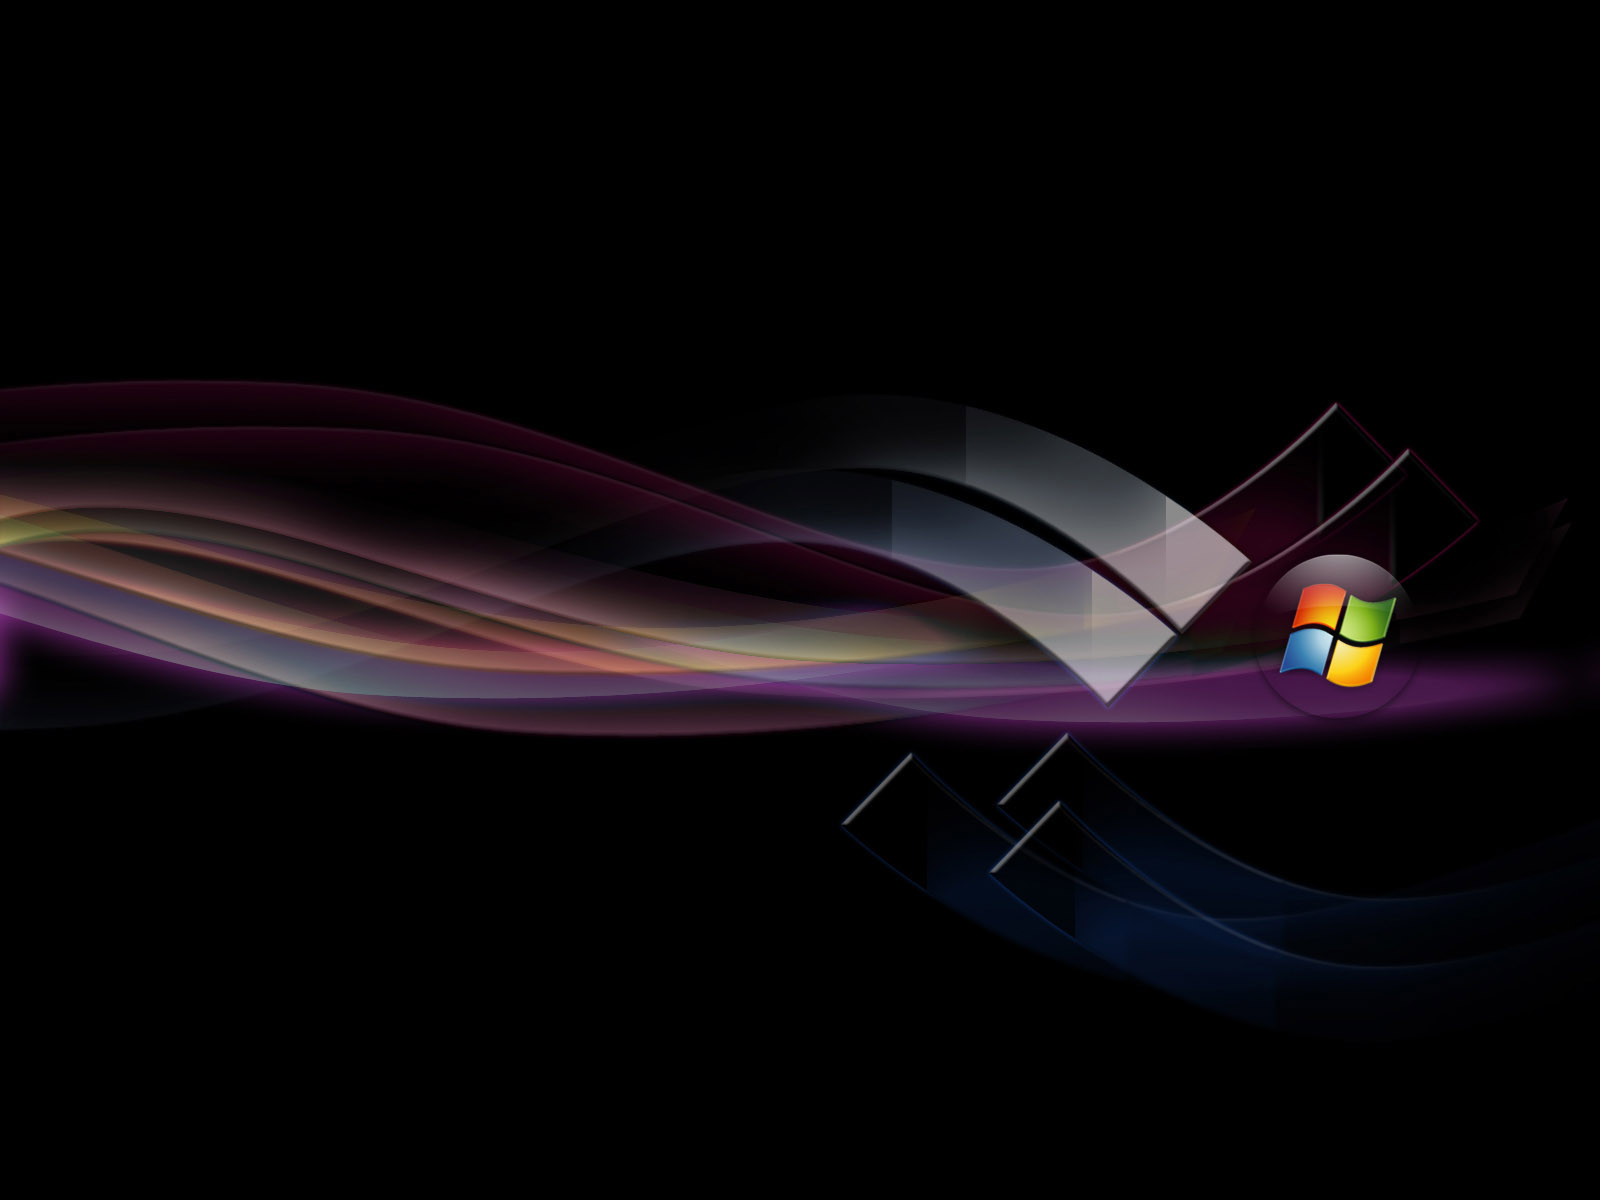 Sfondi hd windows 7 gratis sfondi hd gratis for Sfondi hd gratis